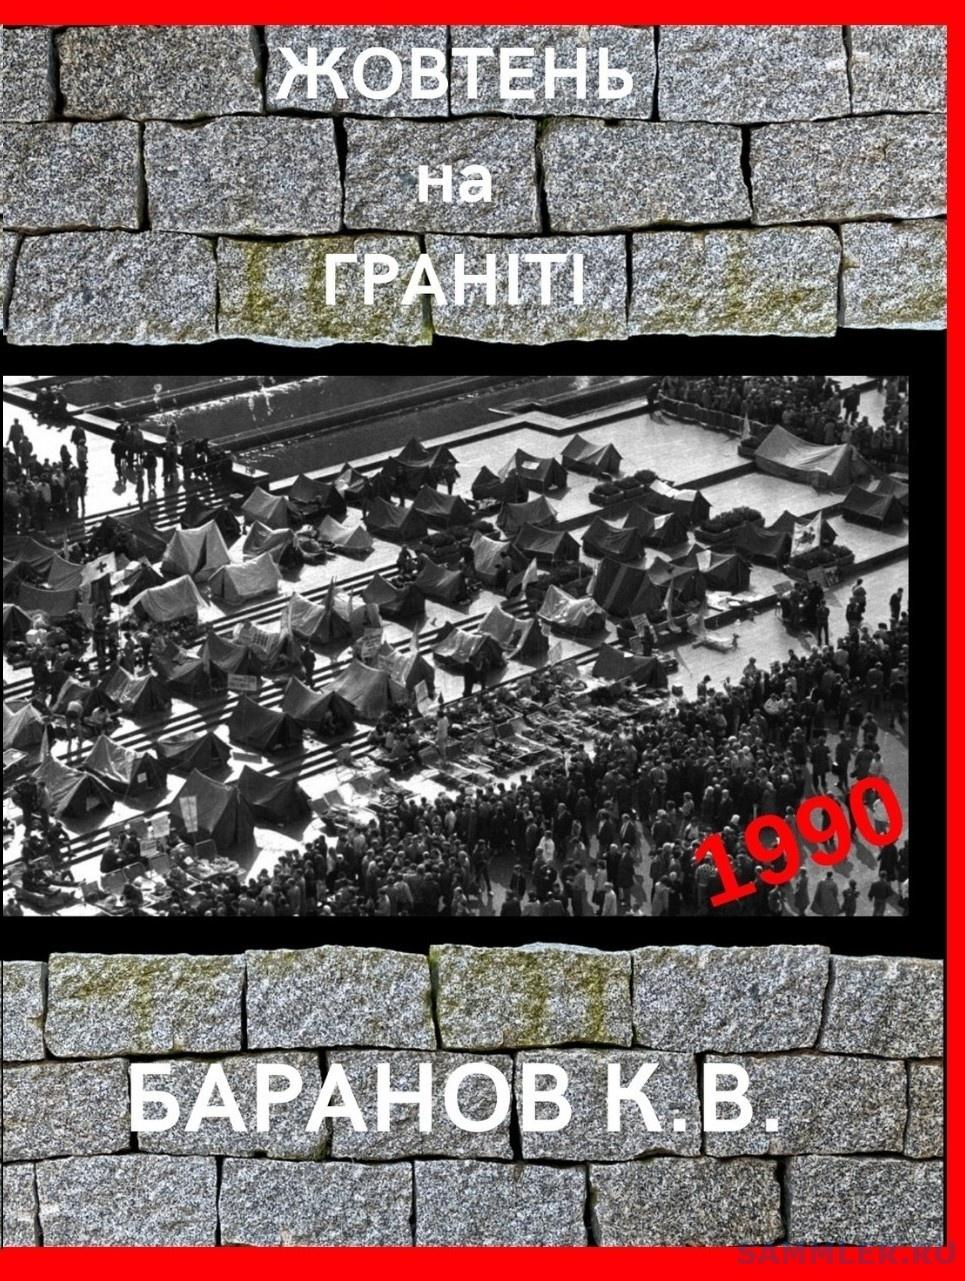 oXVJj_croper_ru.jpeg